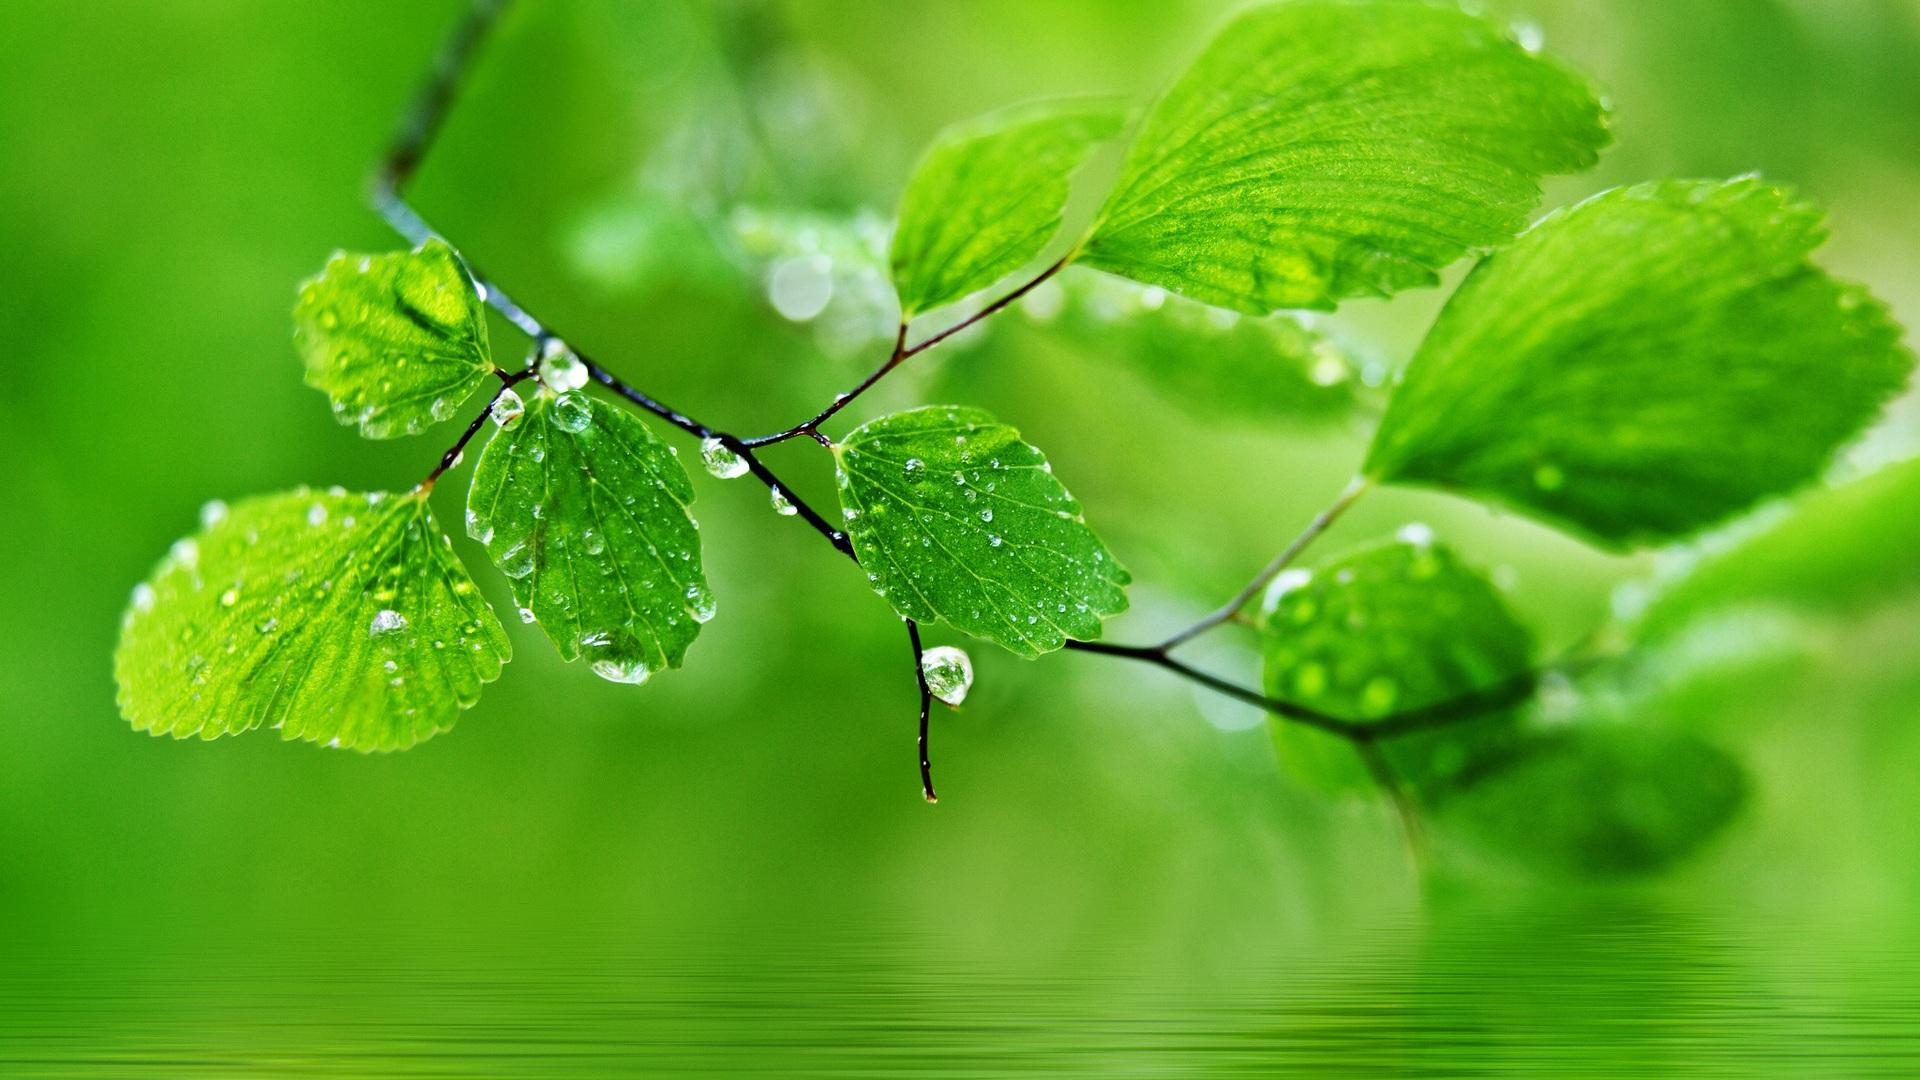 tema de fondo verde gotas de agua sobre las hojas fondos